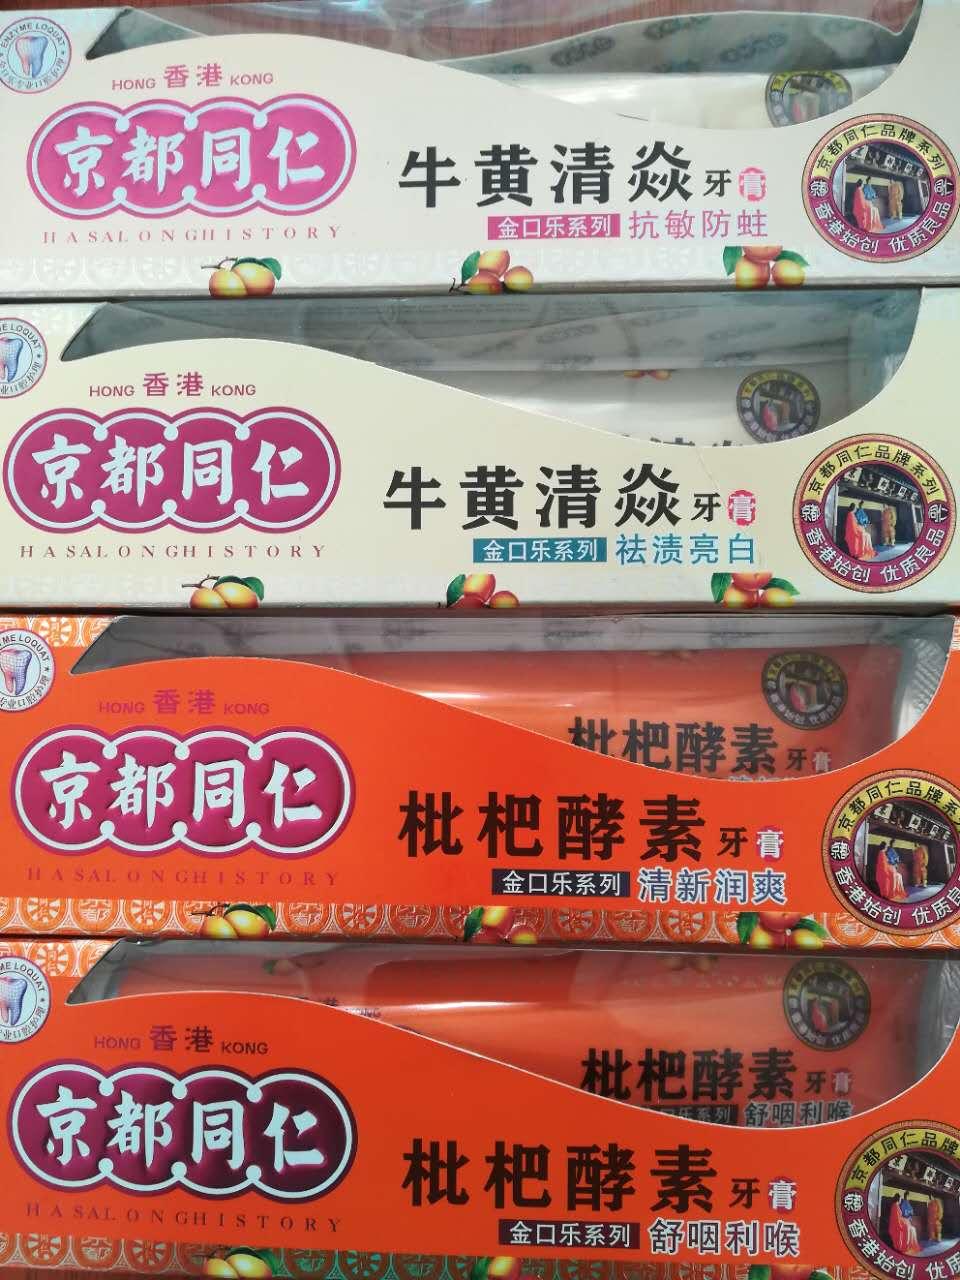 香港正品京都同仁牛黄清焱牙膏清焱防蛀枇杷酵素牙膏利咽清润